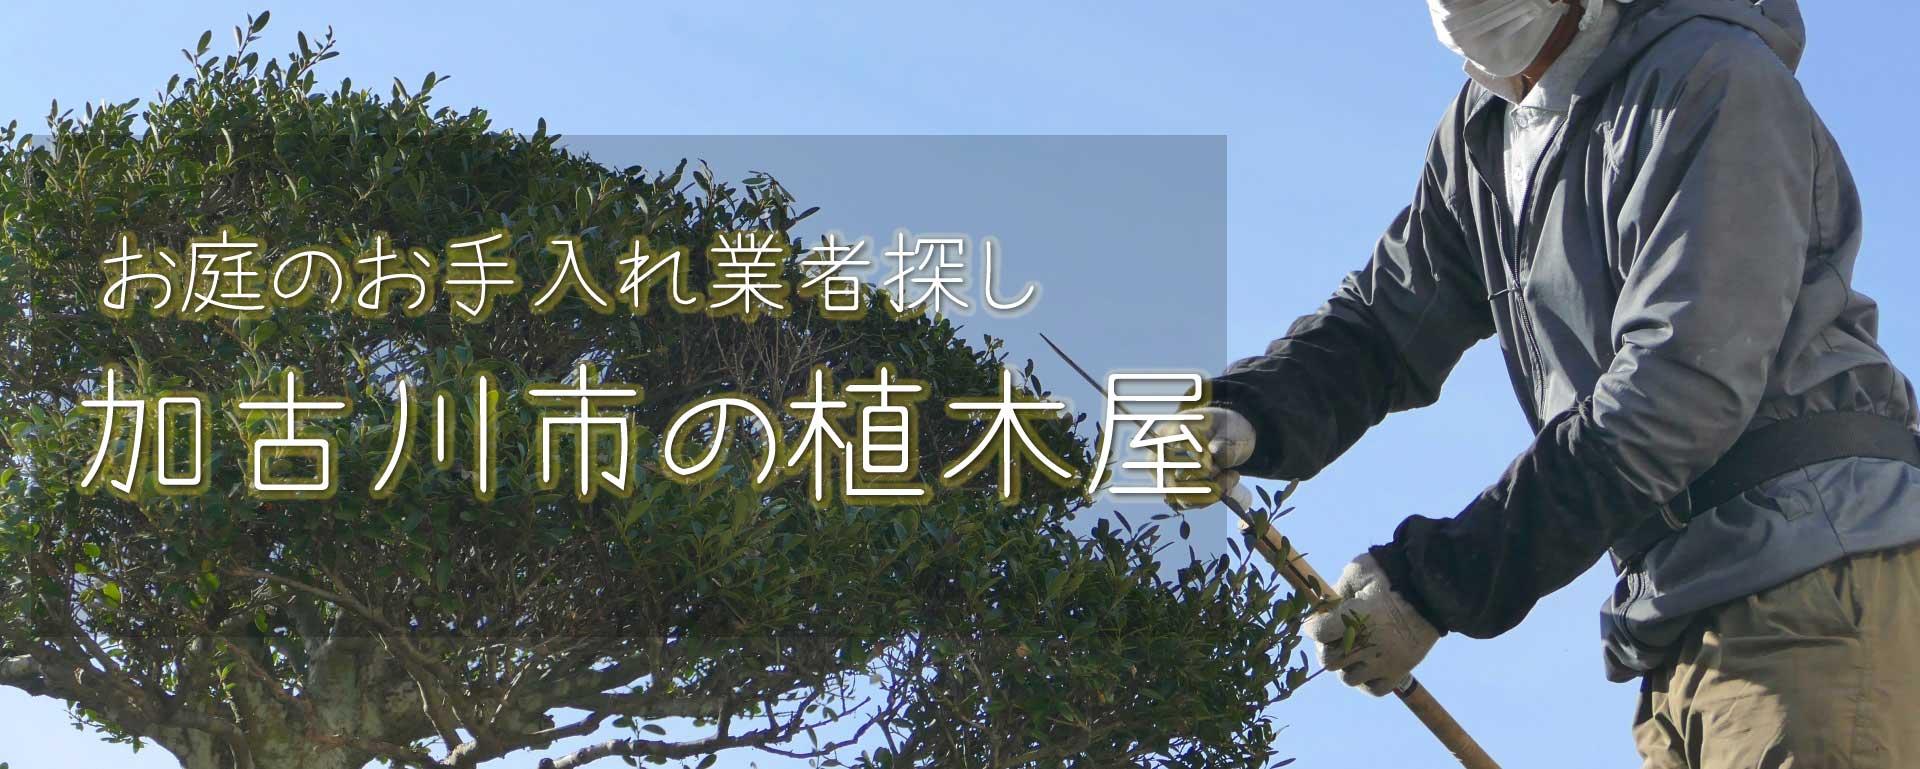 見積り無料の神戸市の植木屋・業者によって料金はバラバラ